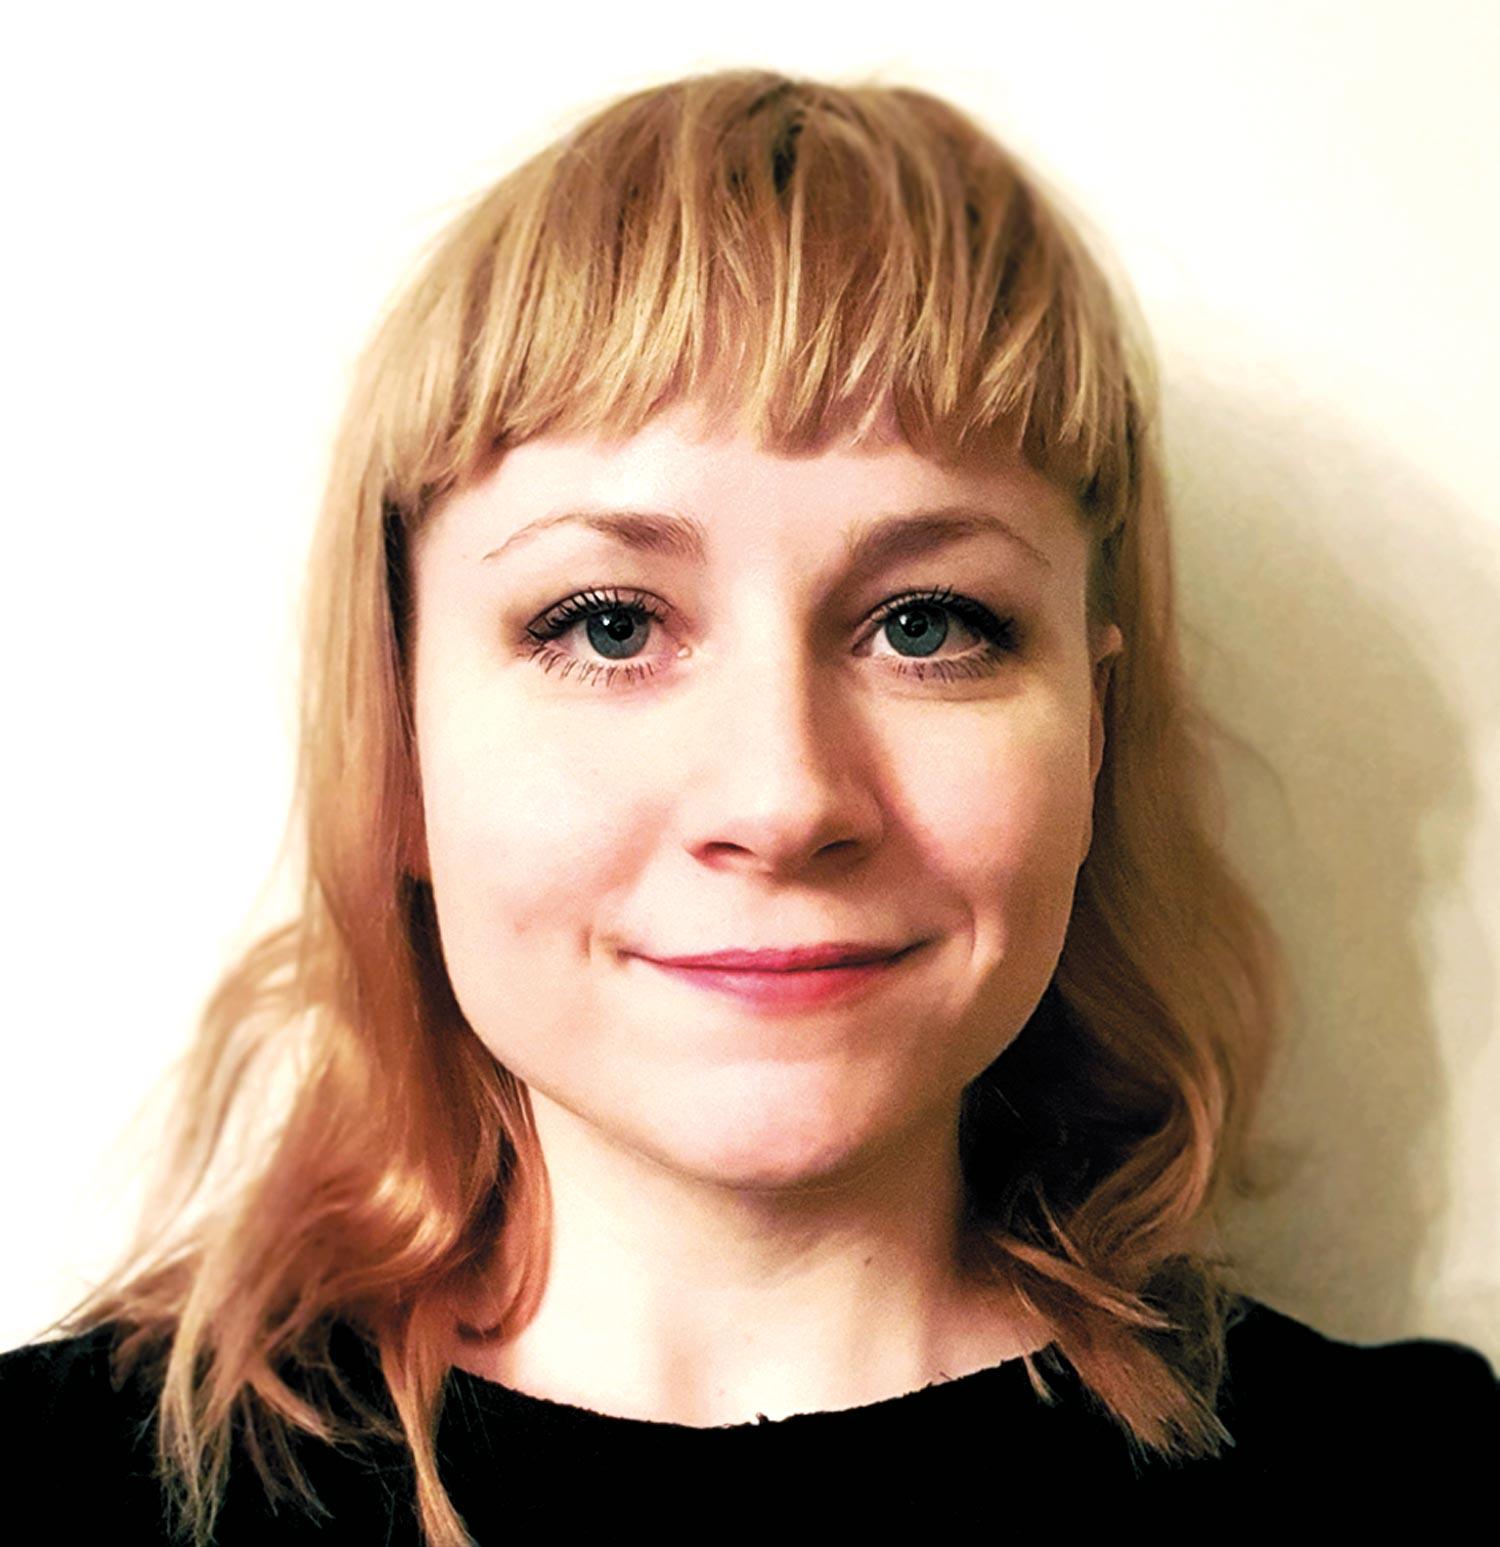 Sofi Häkkinen